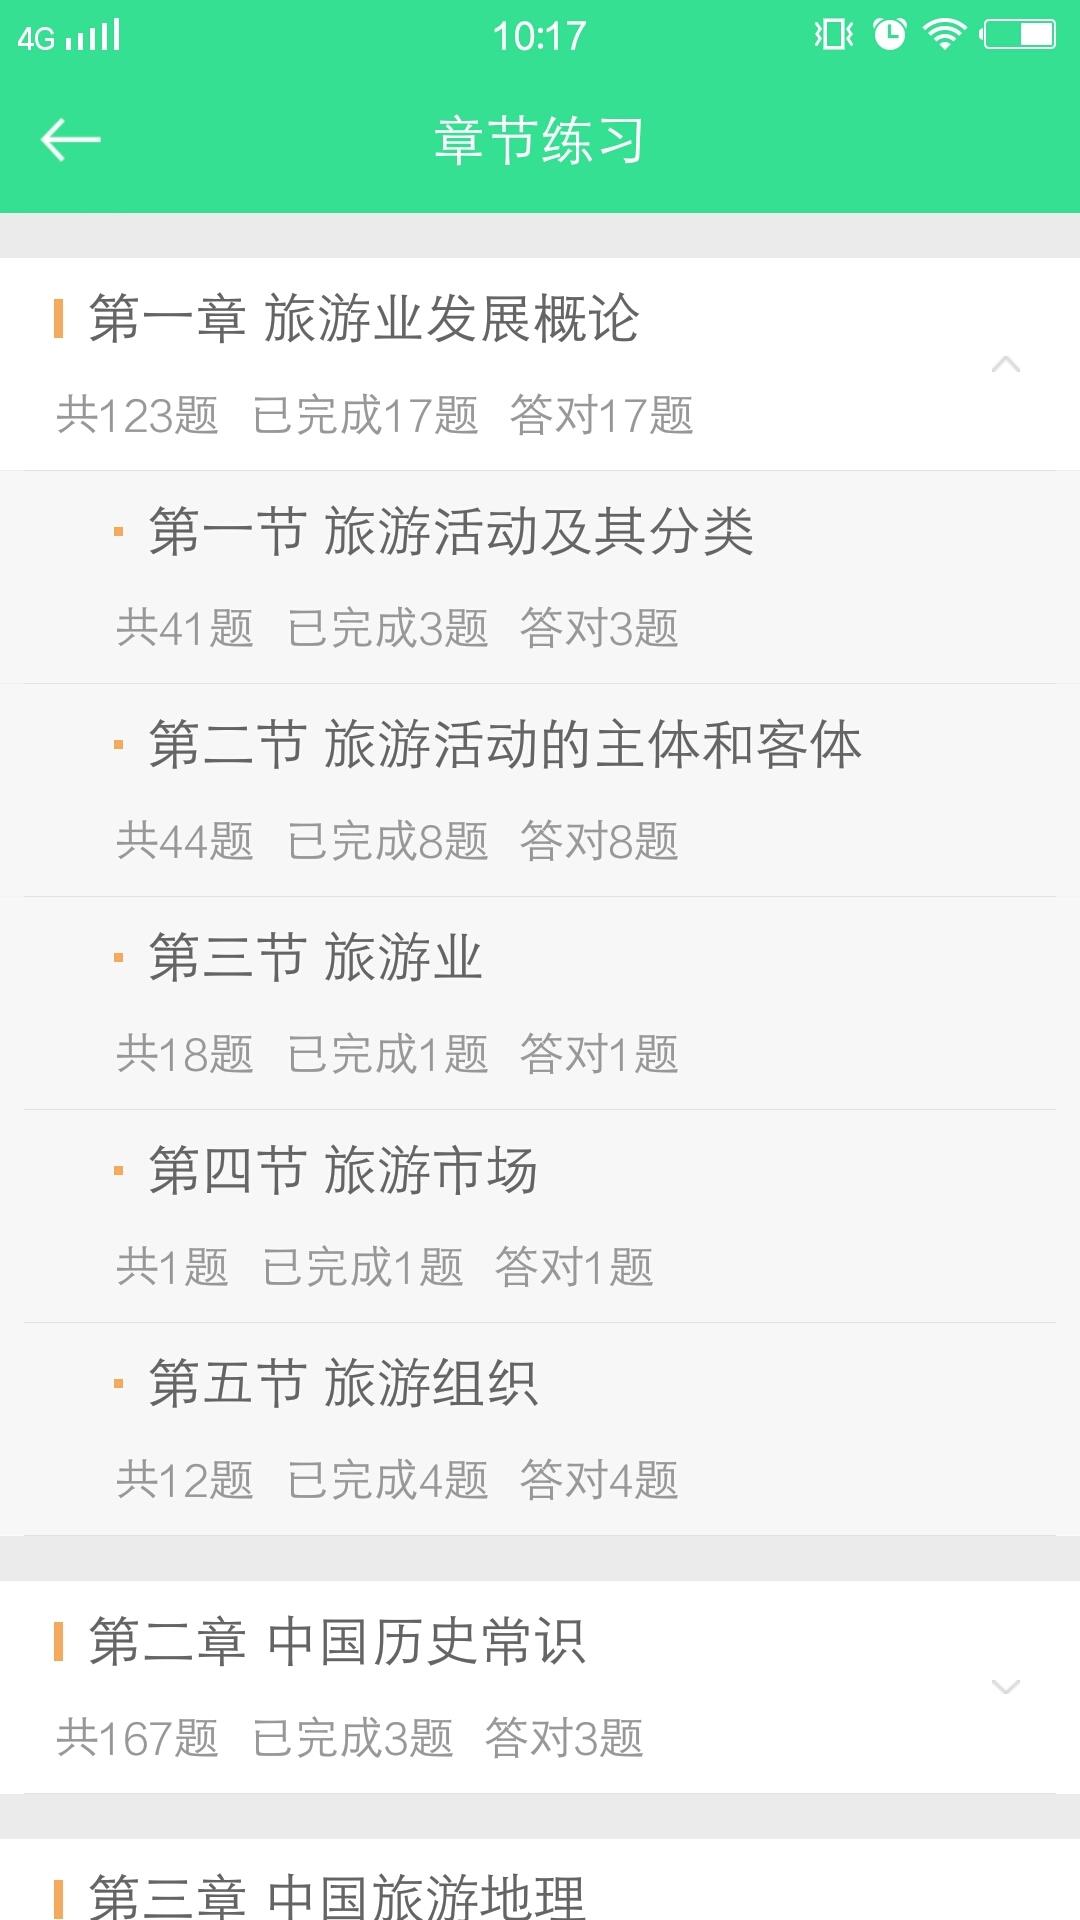 青书学堂安卓版 V17.4.1